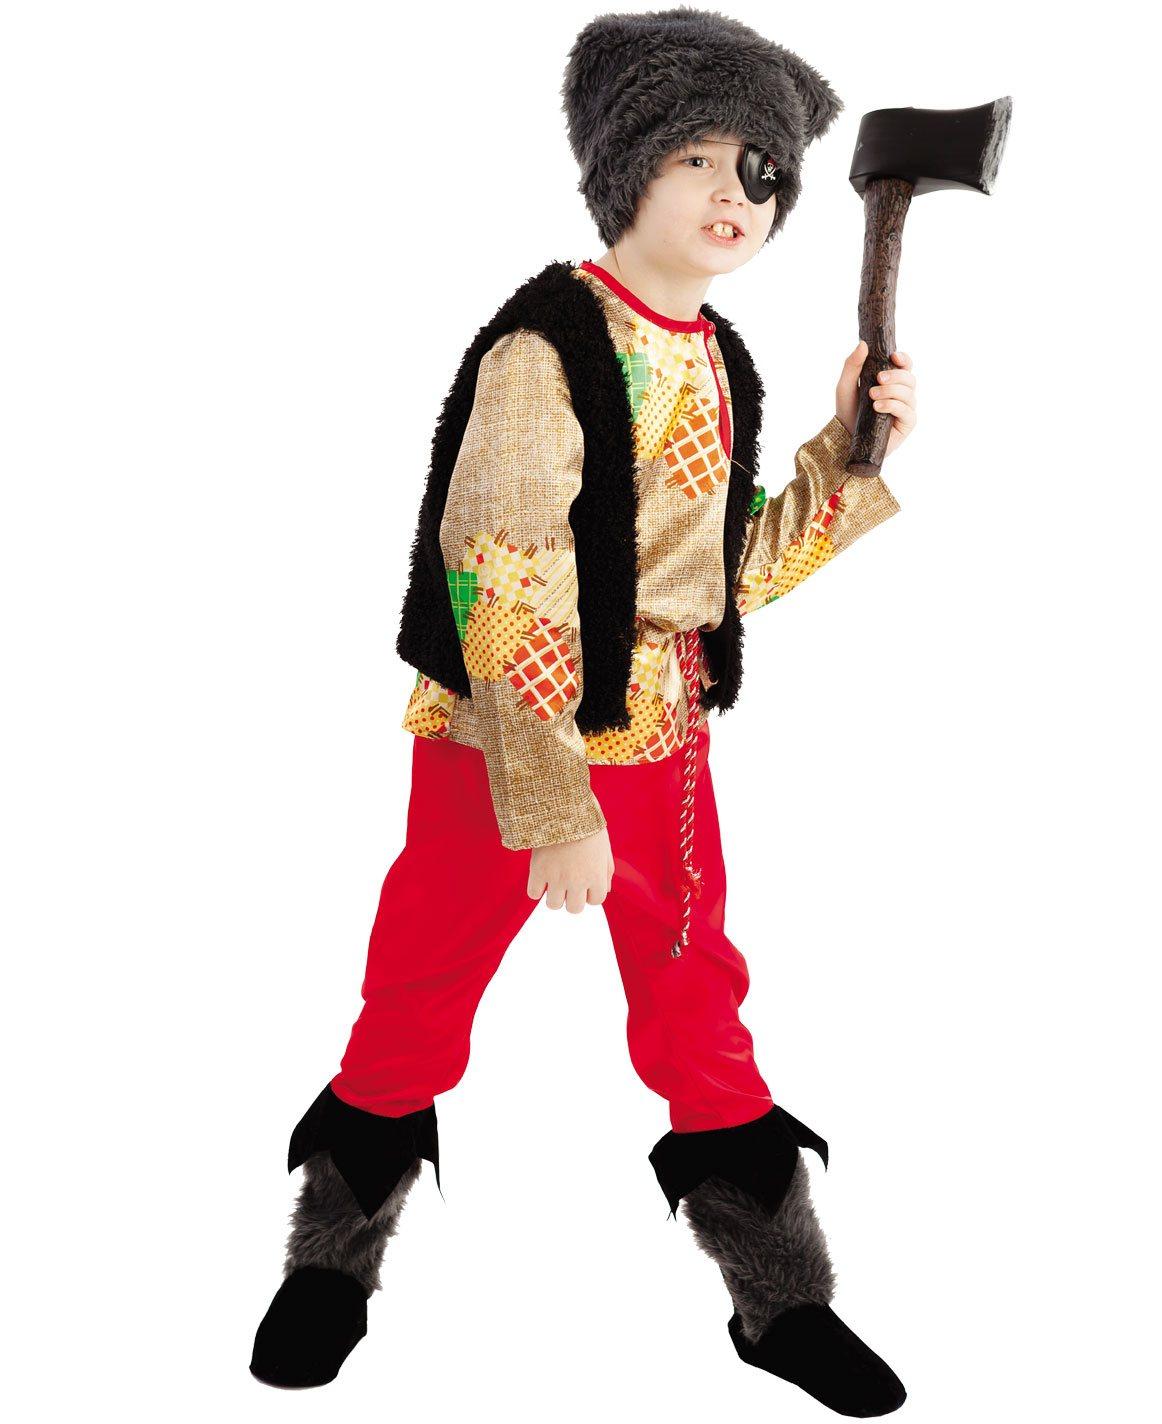 Купить Карнавальный костюм Разбойник , размер 140-72, Батик, Детские карнавальные костюмы